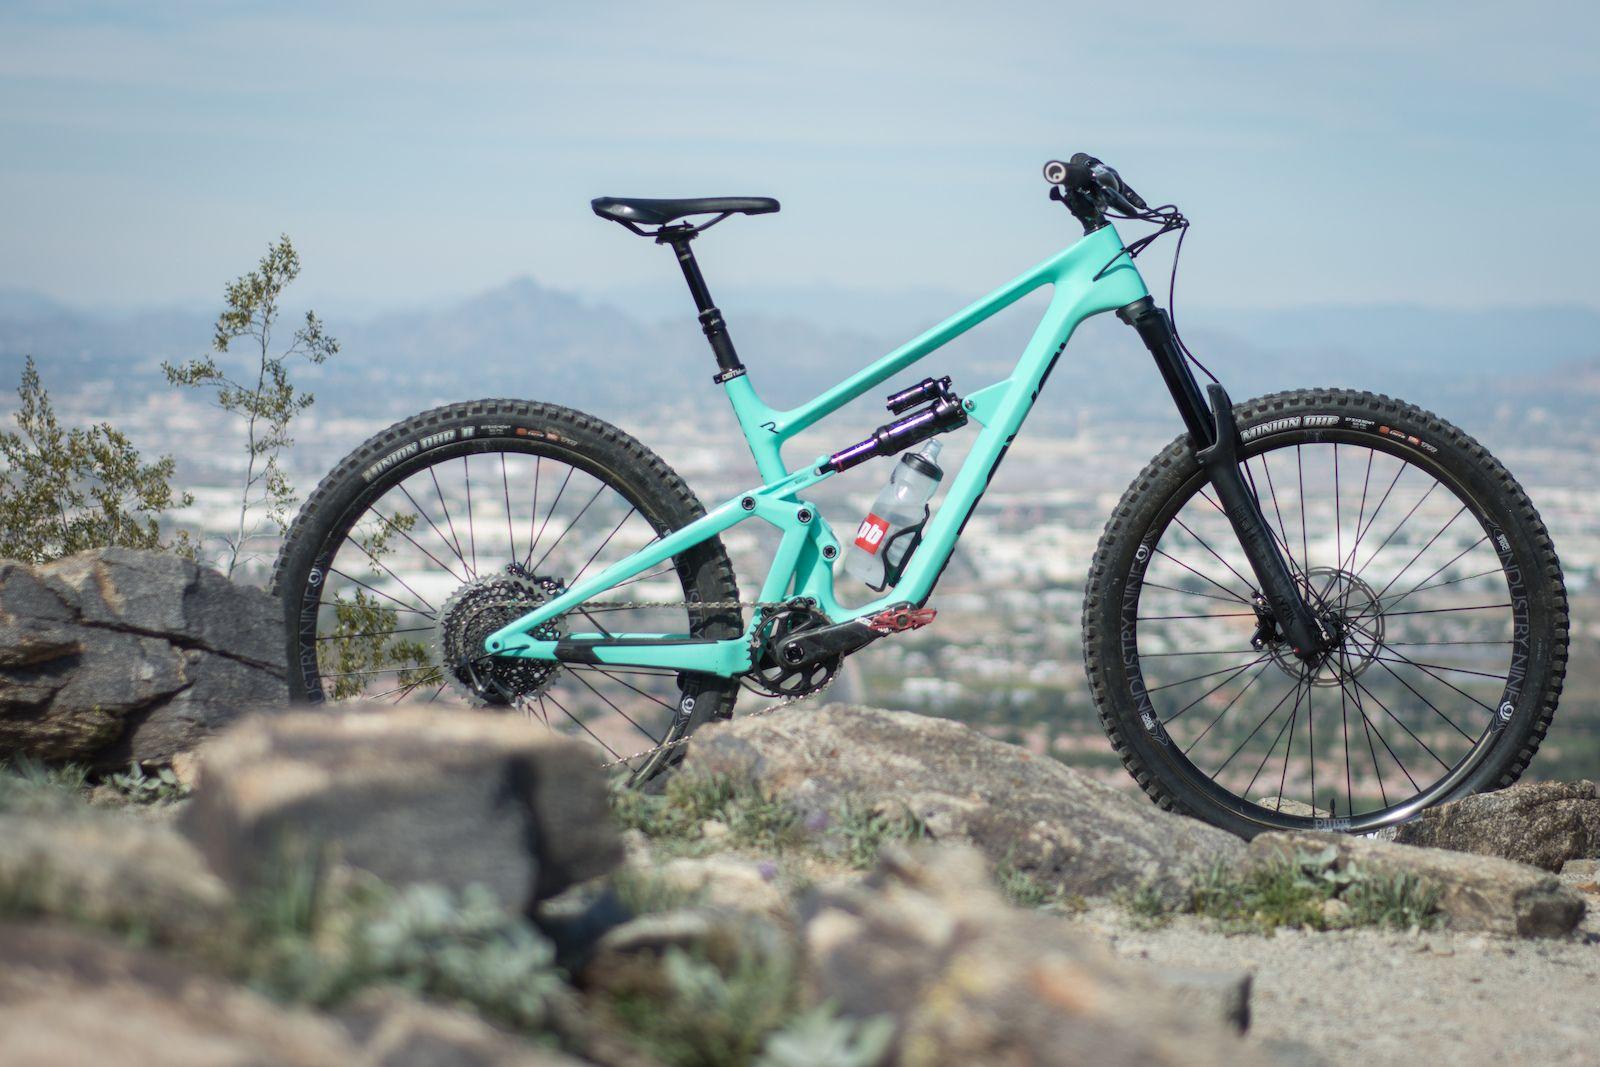 First Ride Revel S Rail Enduro Bike Is An Impressive Debut Bike